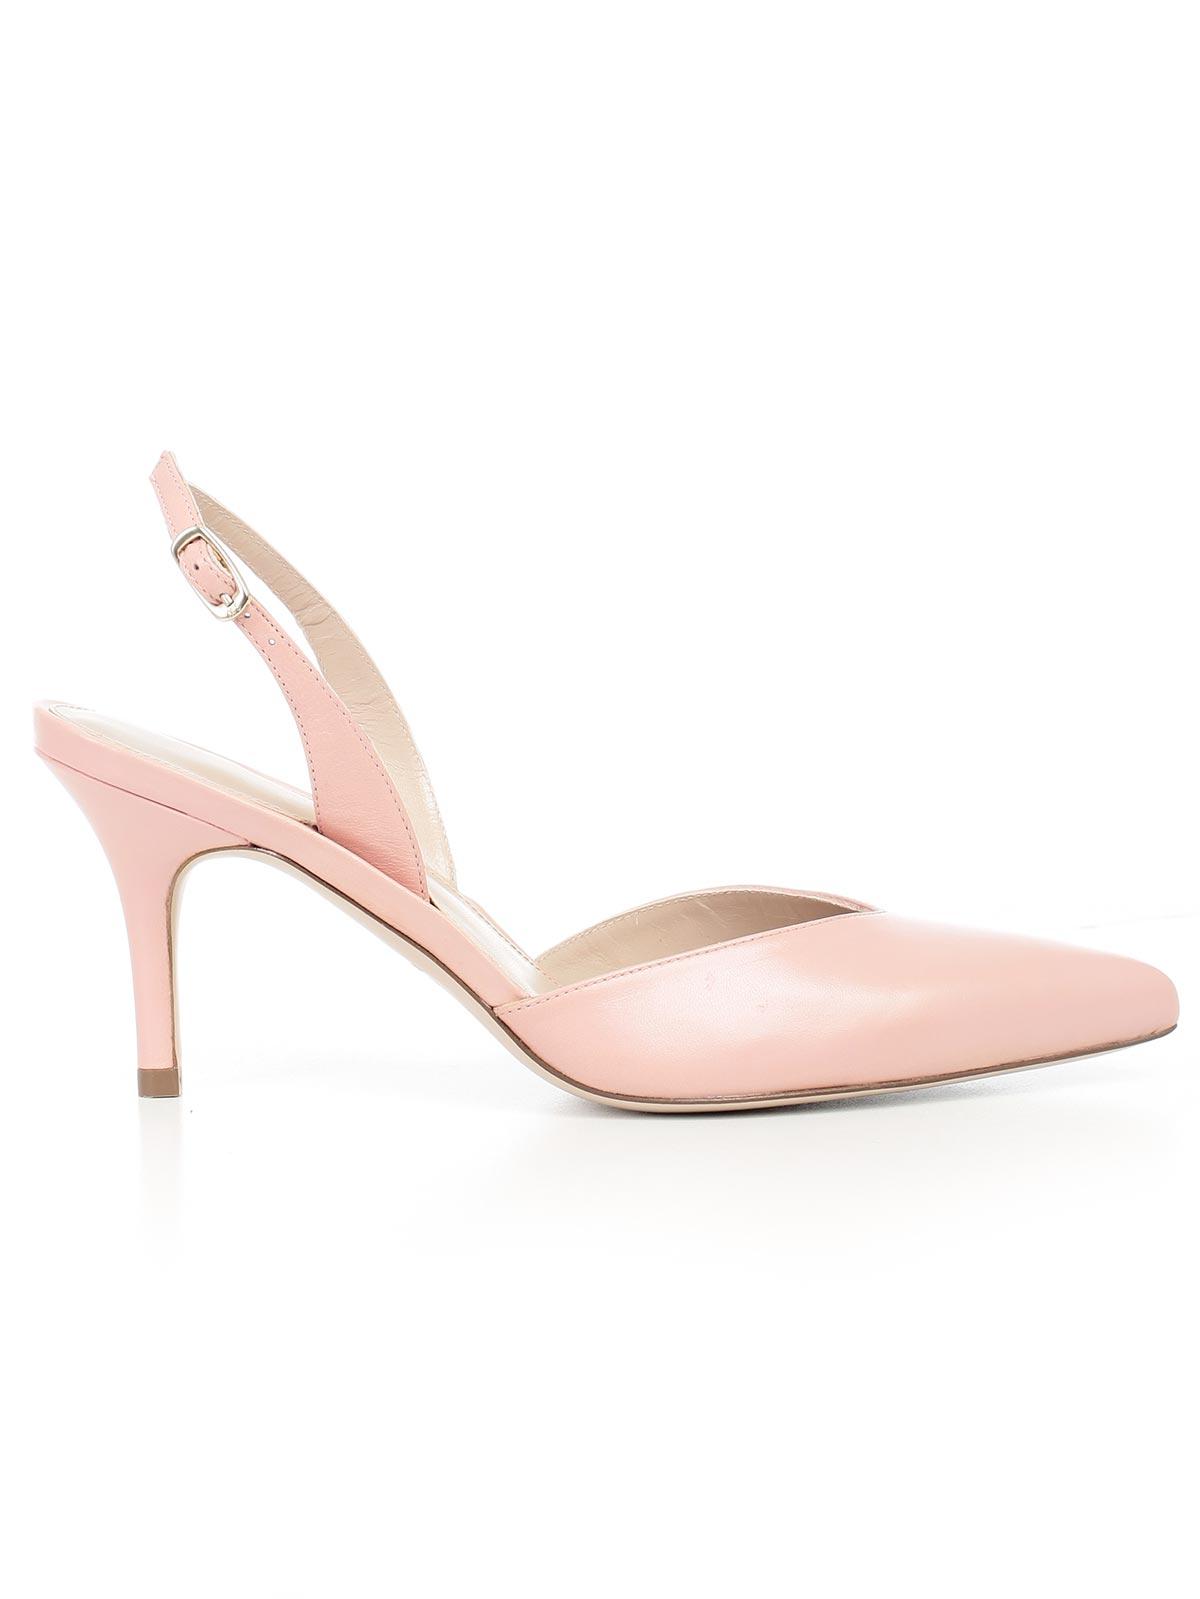 Picture of STUART WEITZMAN Sandals